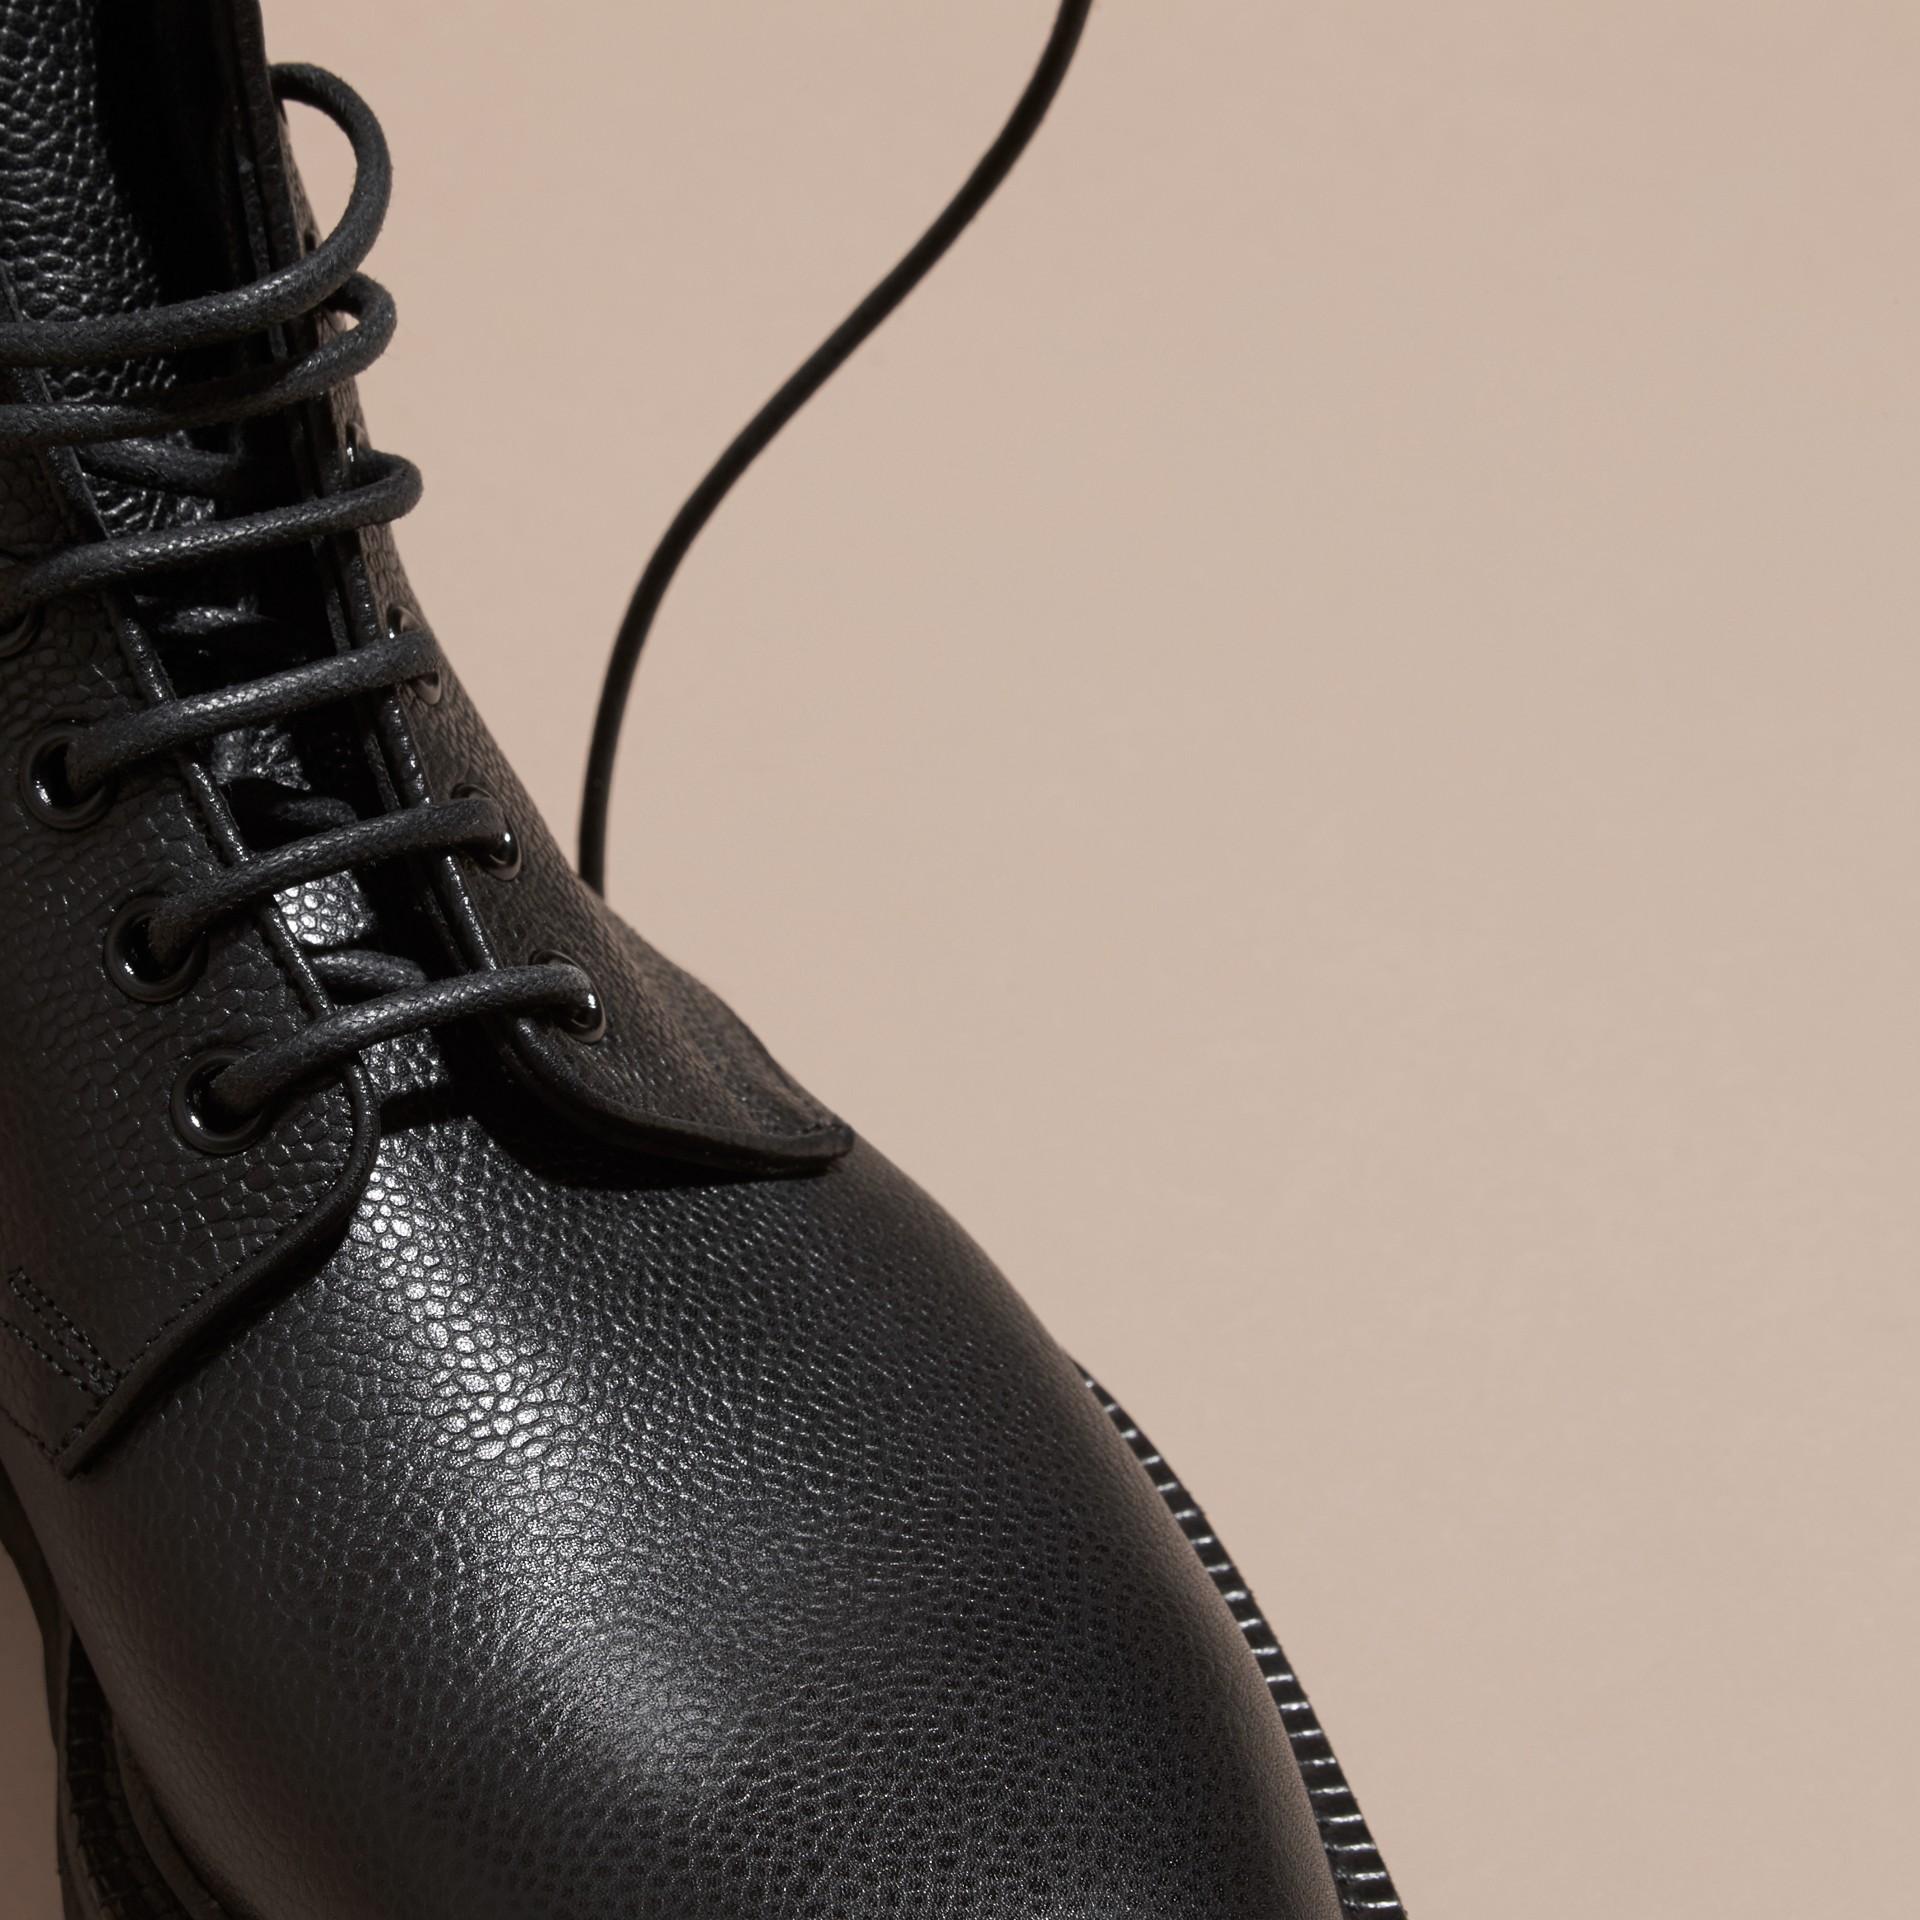 Nero Stivali con lacci in pelle a grana Nero - immagine della galleria 2